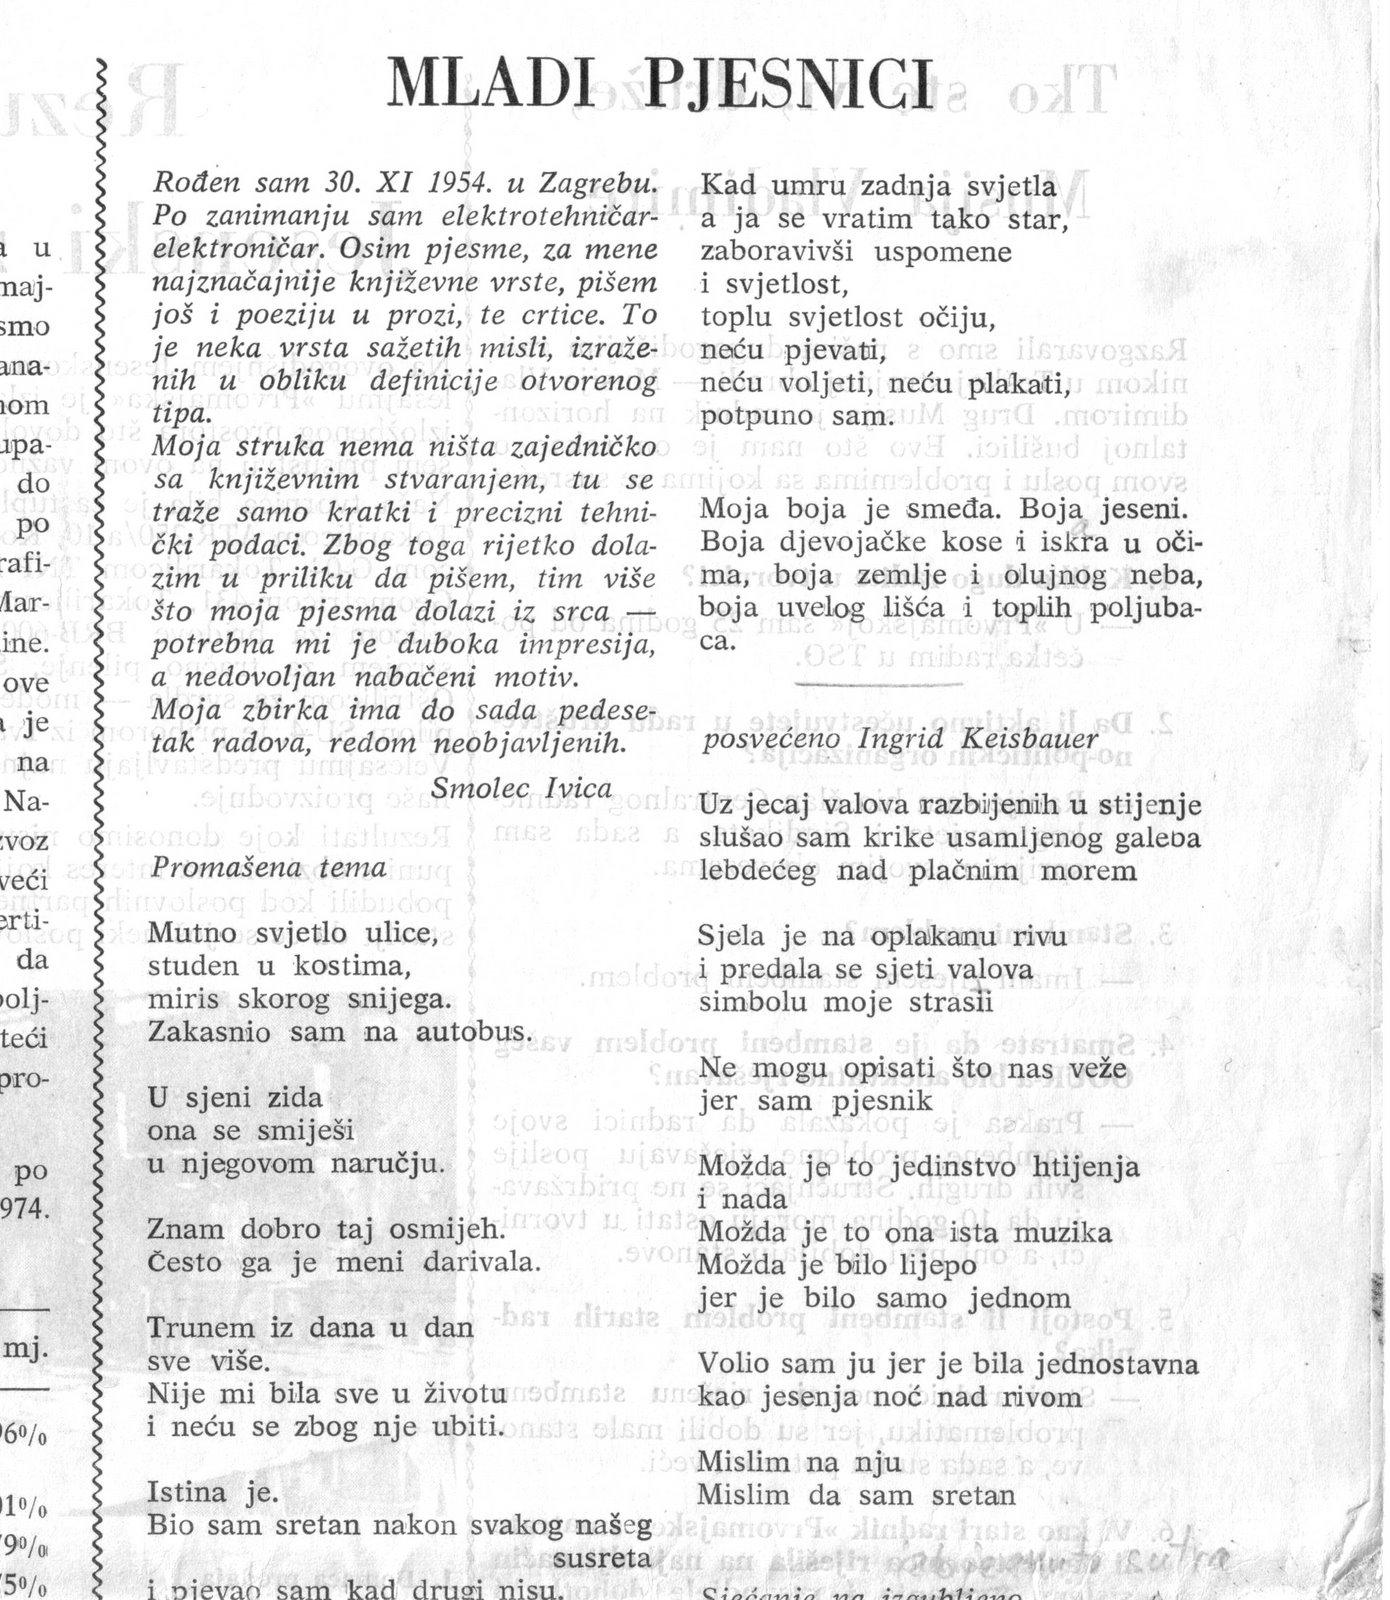 'Mladi pjesnici' - poezija Ivice Smoleca u novinama 1974. godine 1/2